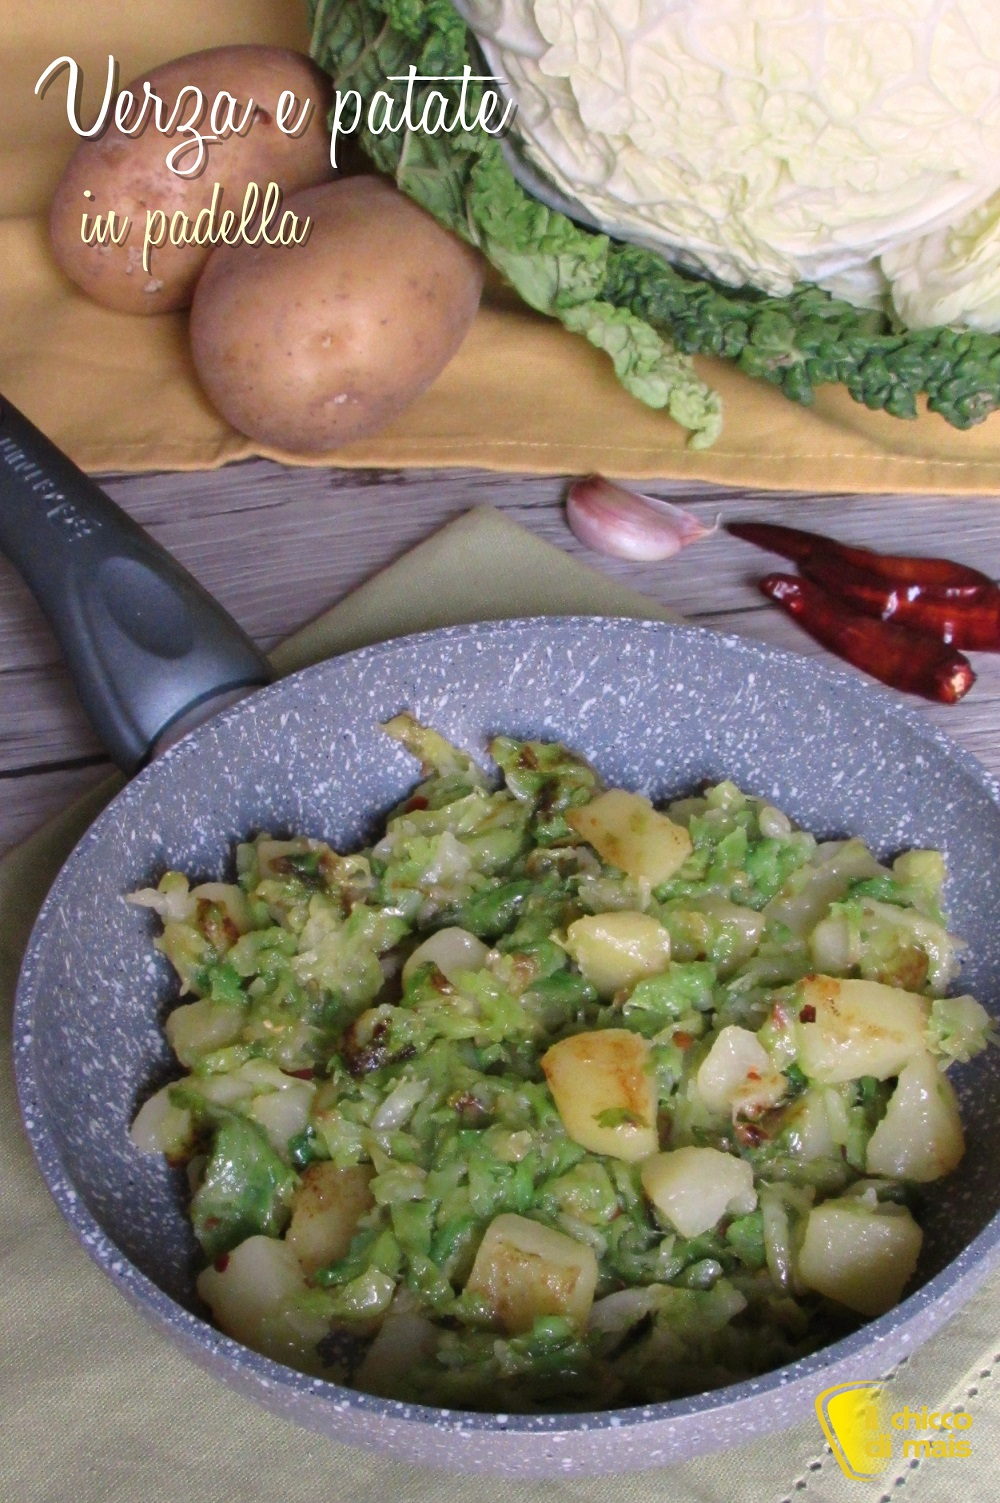 verticale_verza e patate in padella ricetta facile contorno con cavolo verza il chicco di mais